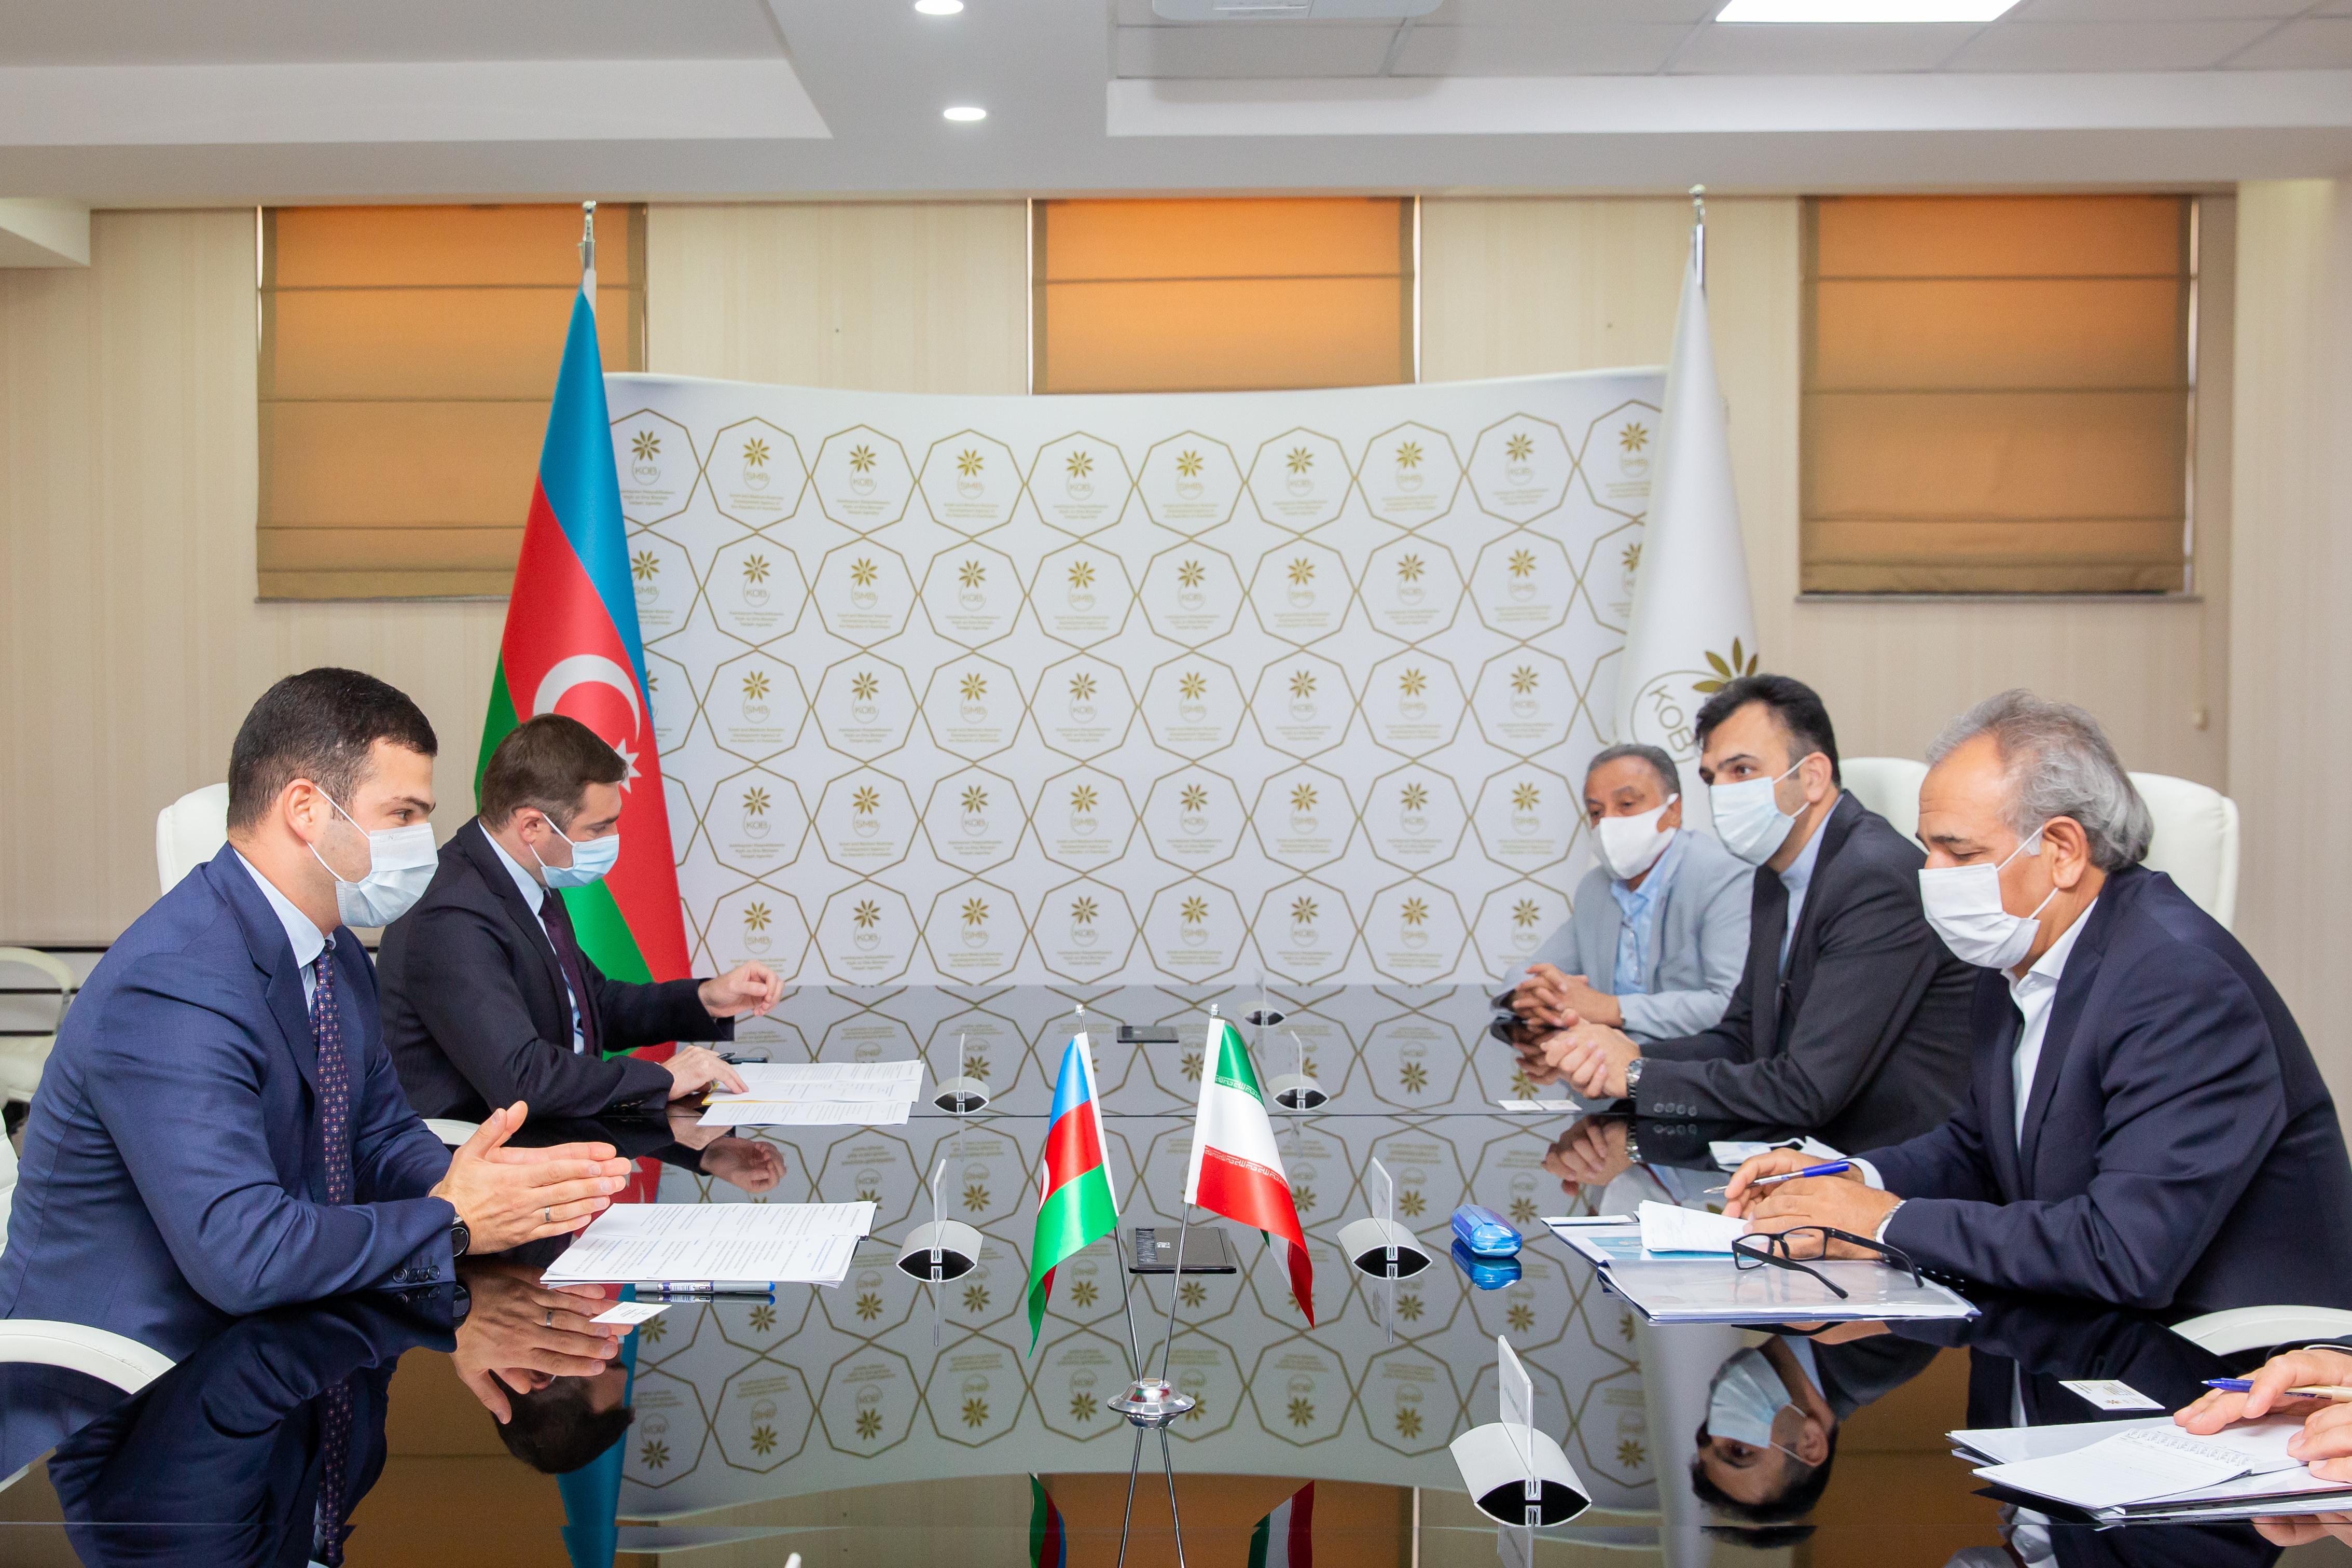 Делегация Иранской провинции Восточный Азербайджан посетила АРМСБ